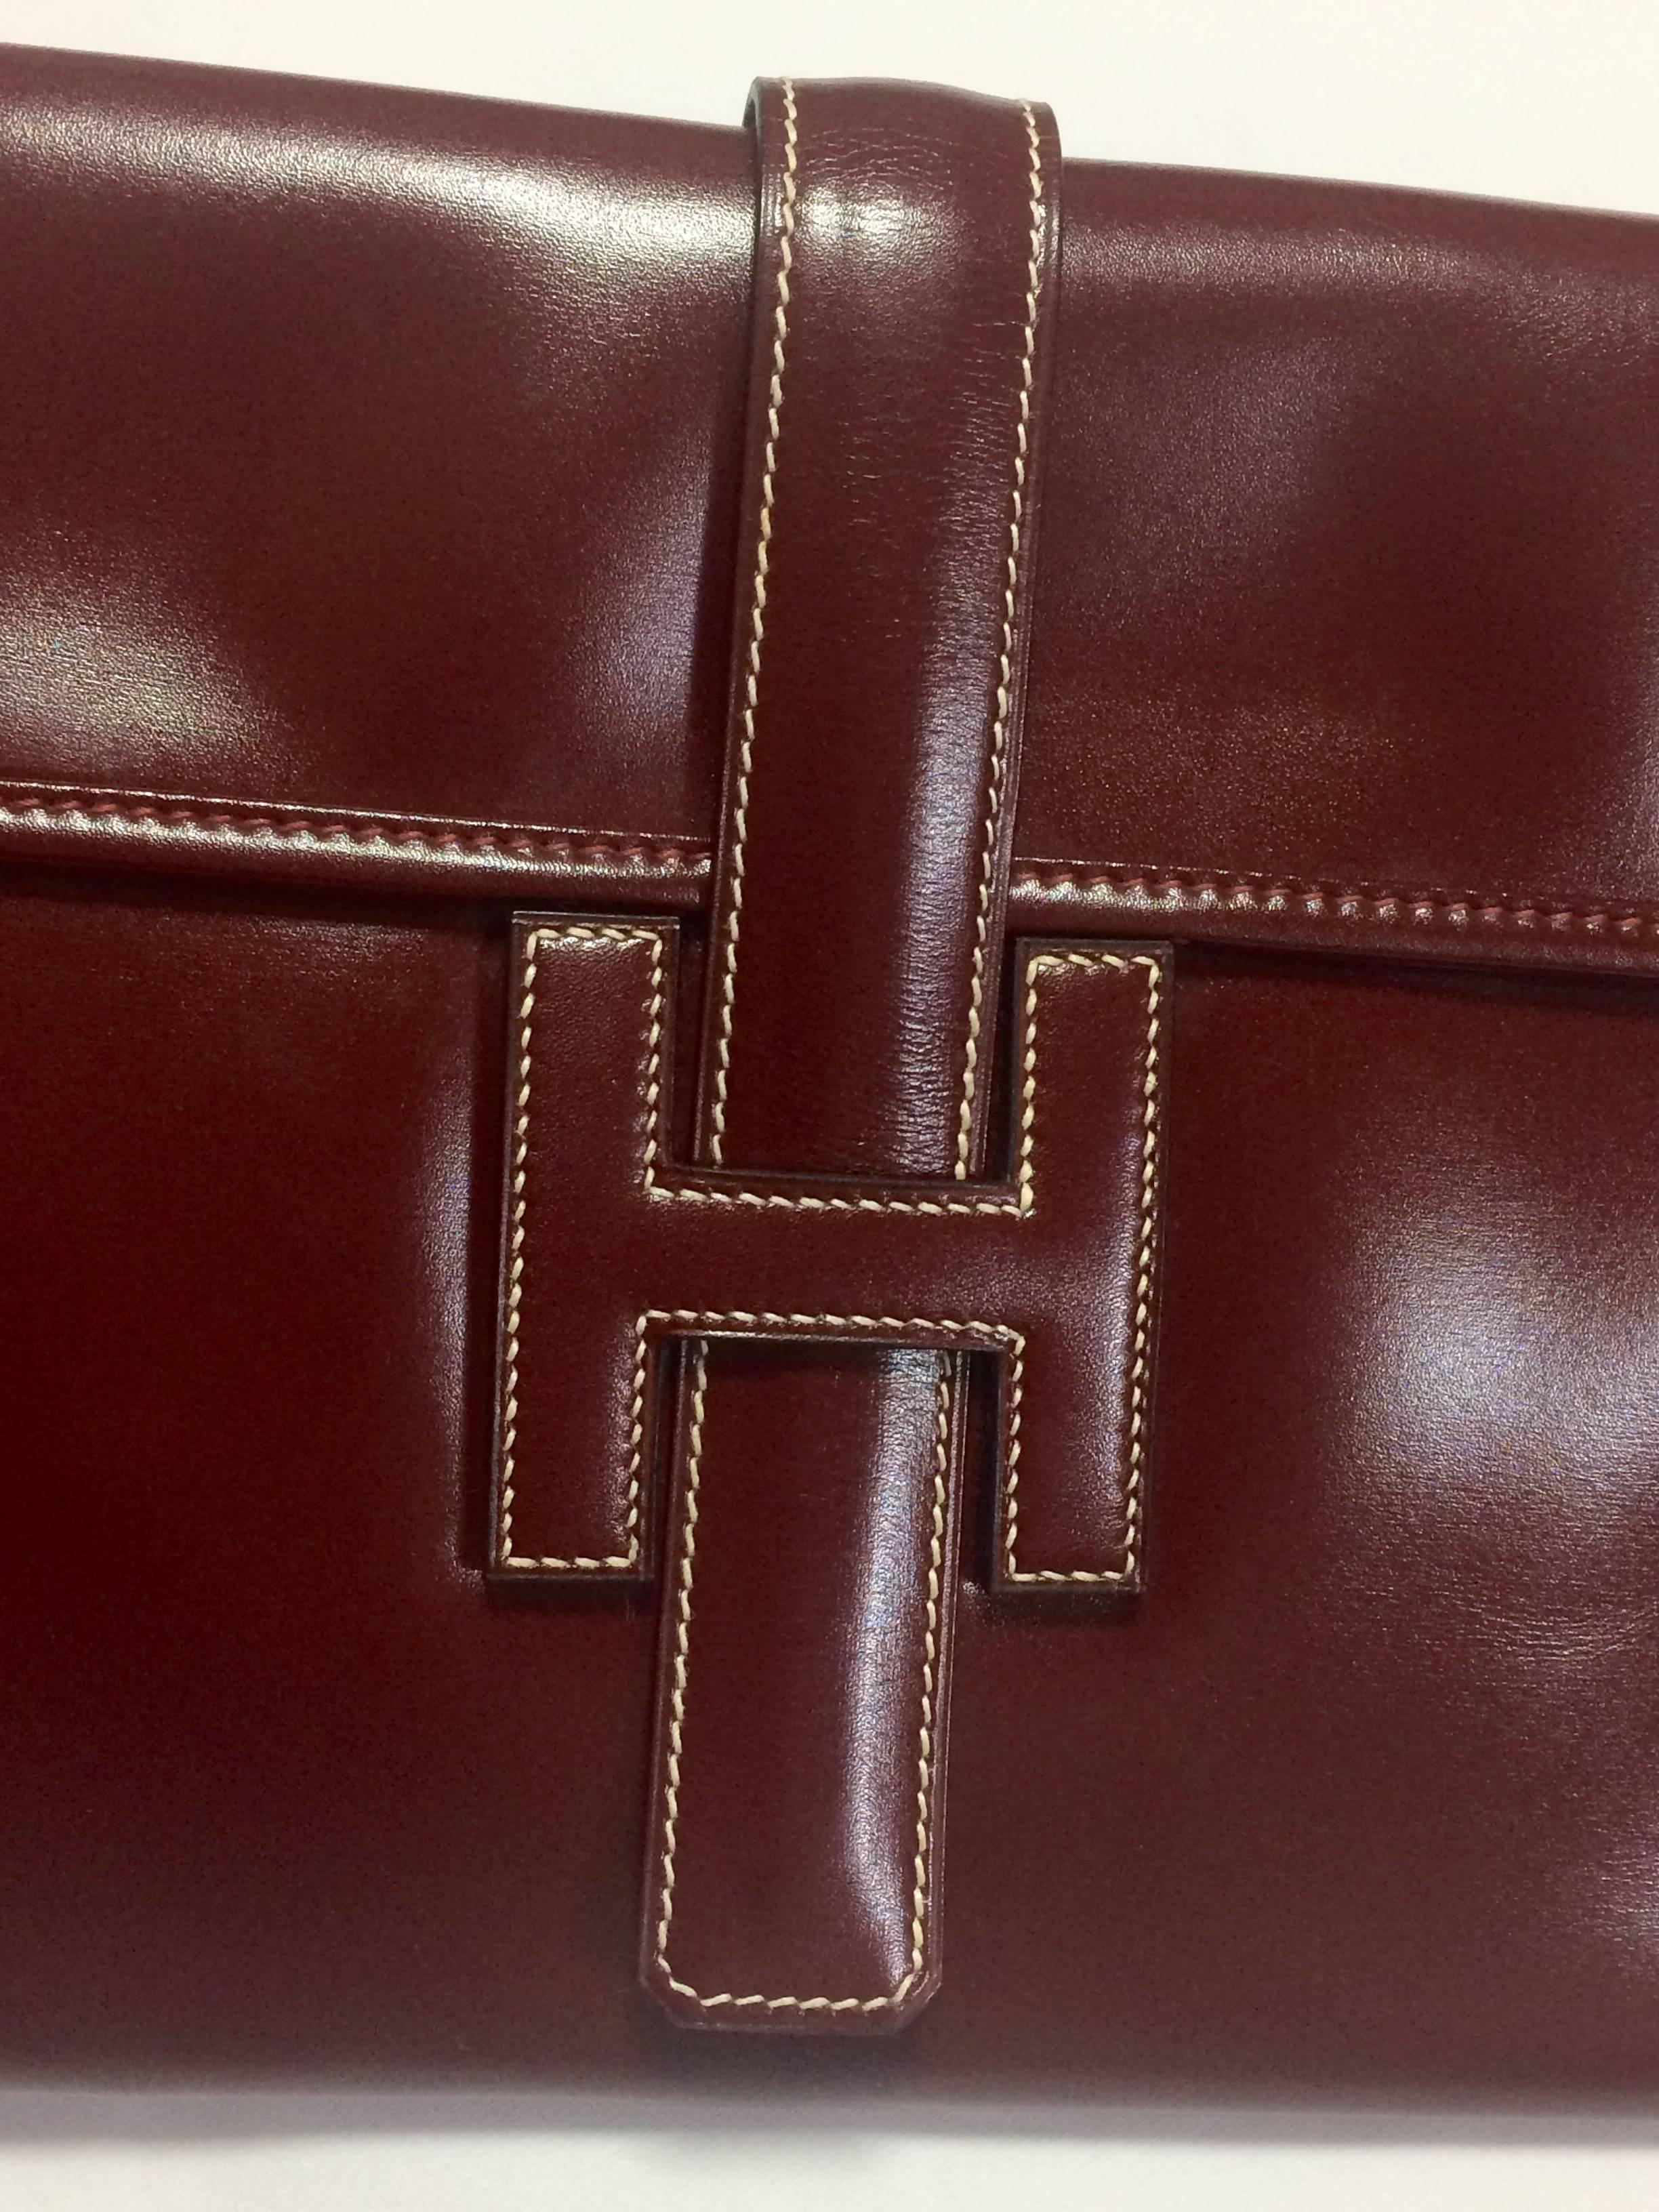 Vintage Hermès Hermes Jige Pm, Porte-documents, Porte-monnaie De Portefeuille Brun Foncé En Veau Boîte